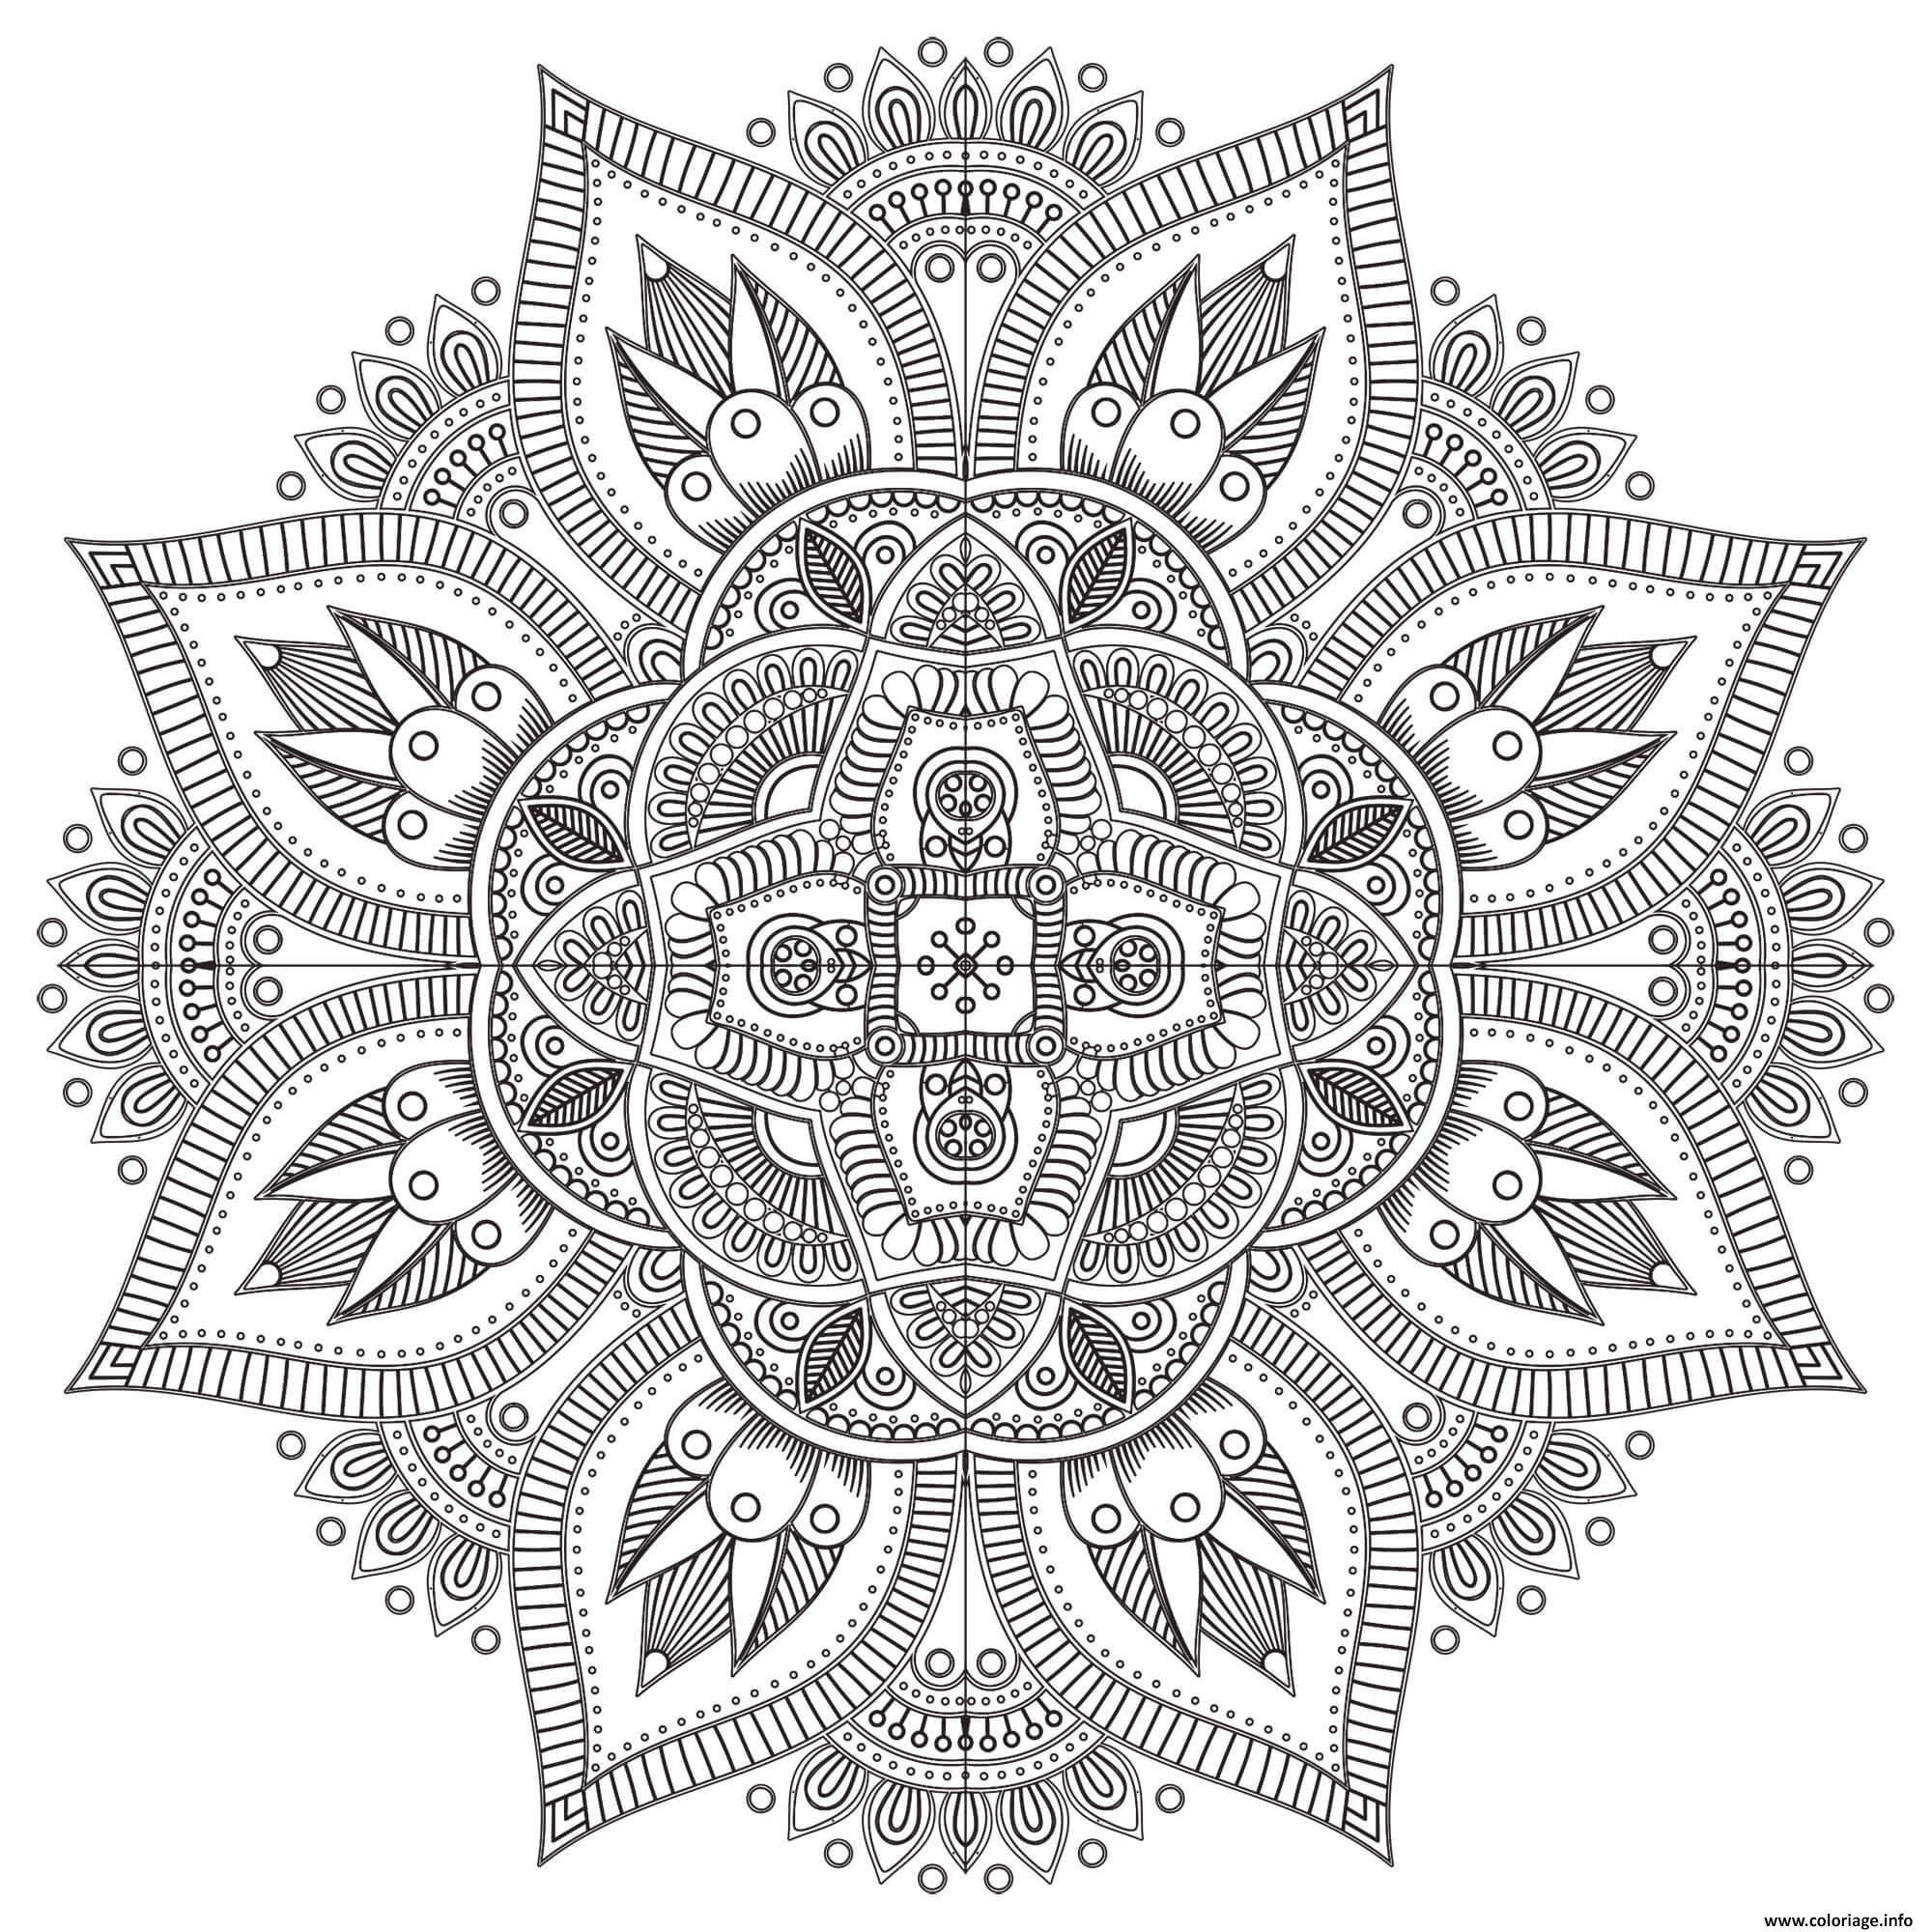 Coloriage Zen Difficile.Coloriage Mandala Zen Antistress Difficile Jecolorie Com